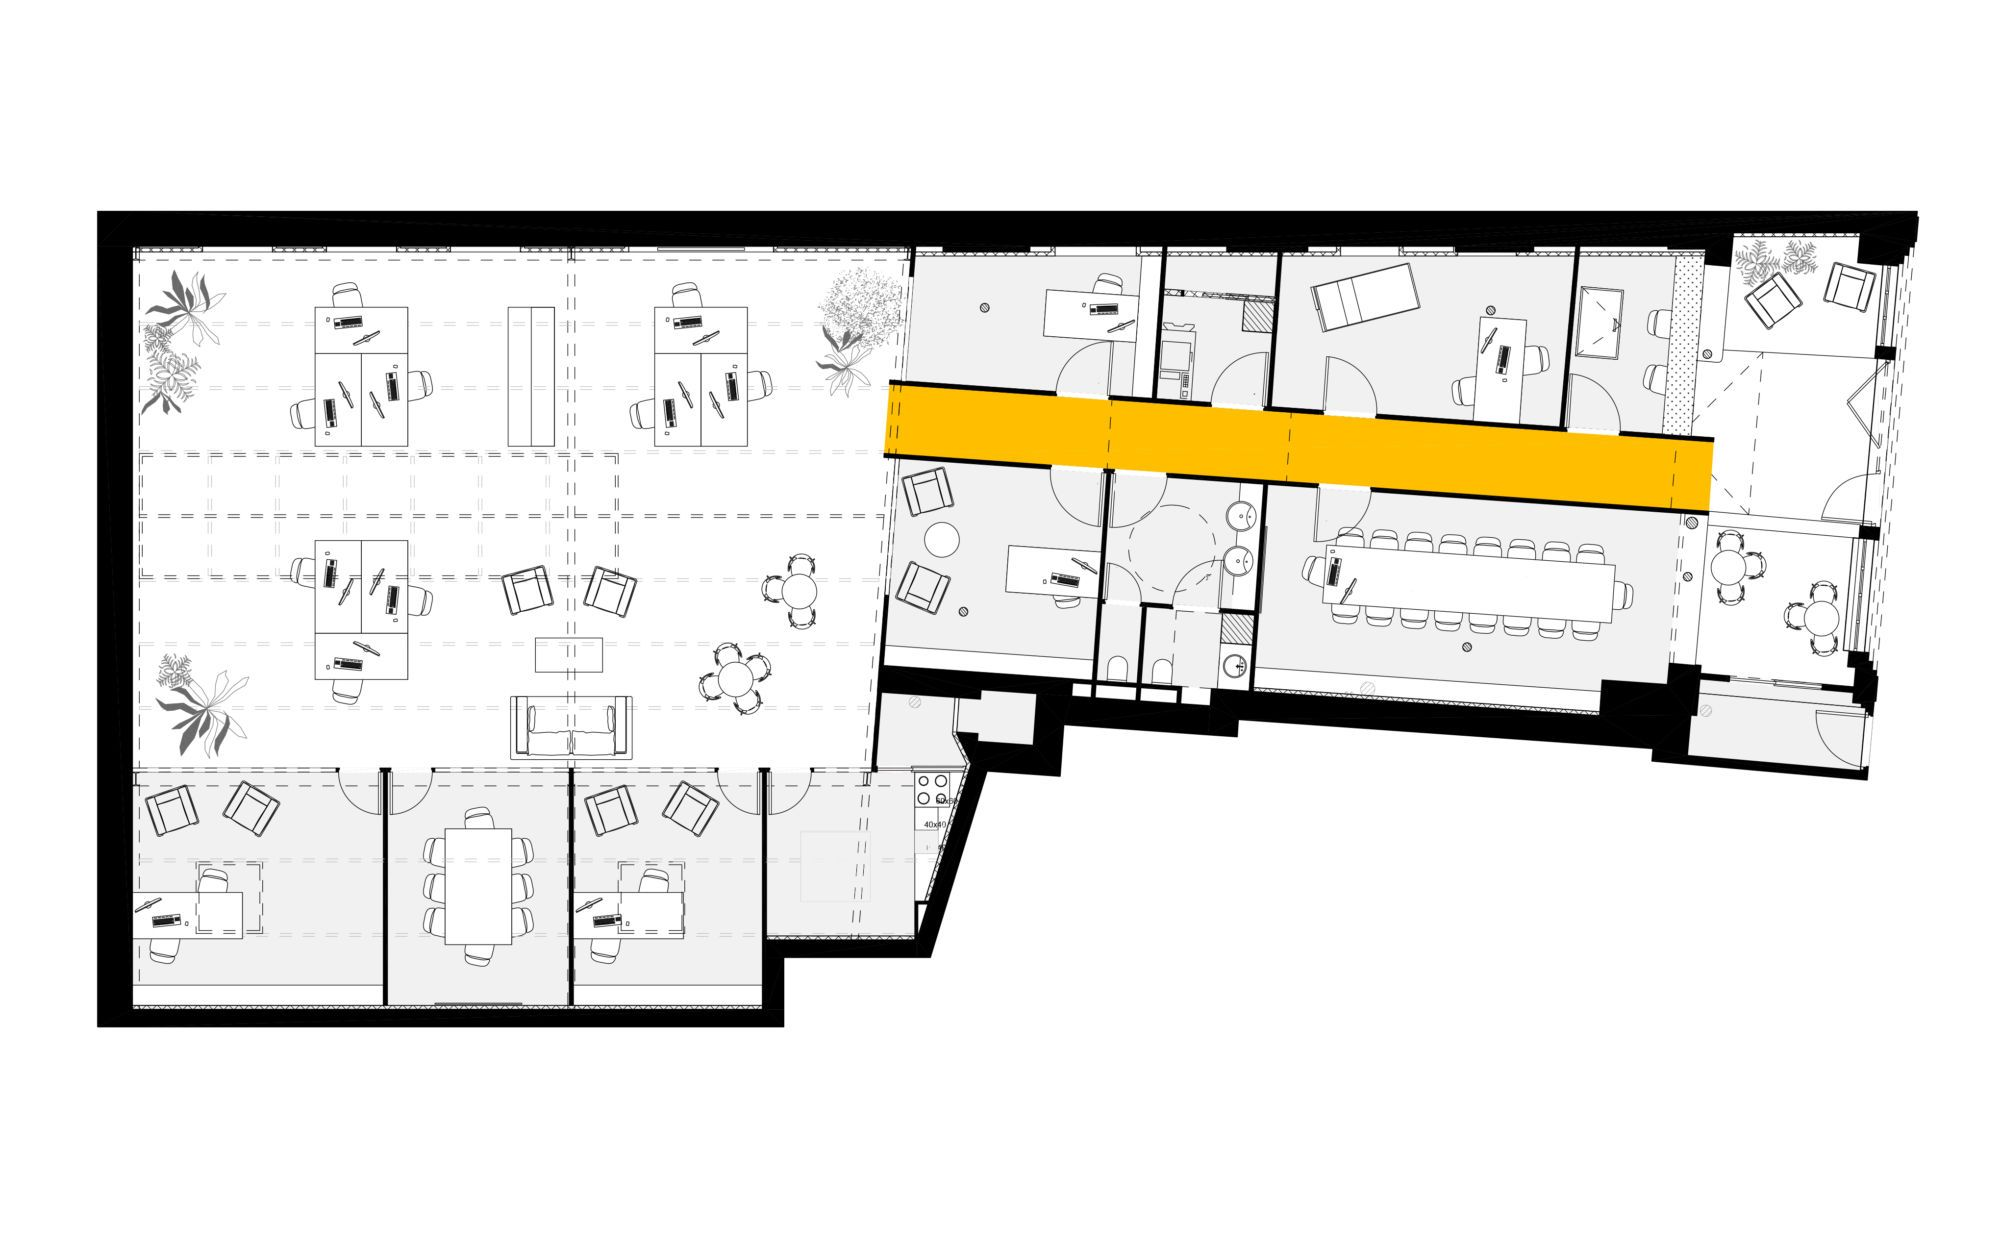 Plan de l'ensemble de l'aménagement du bâtiment